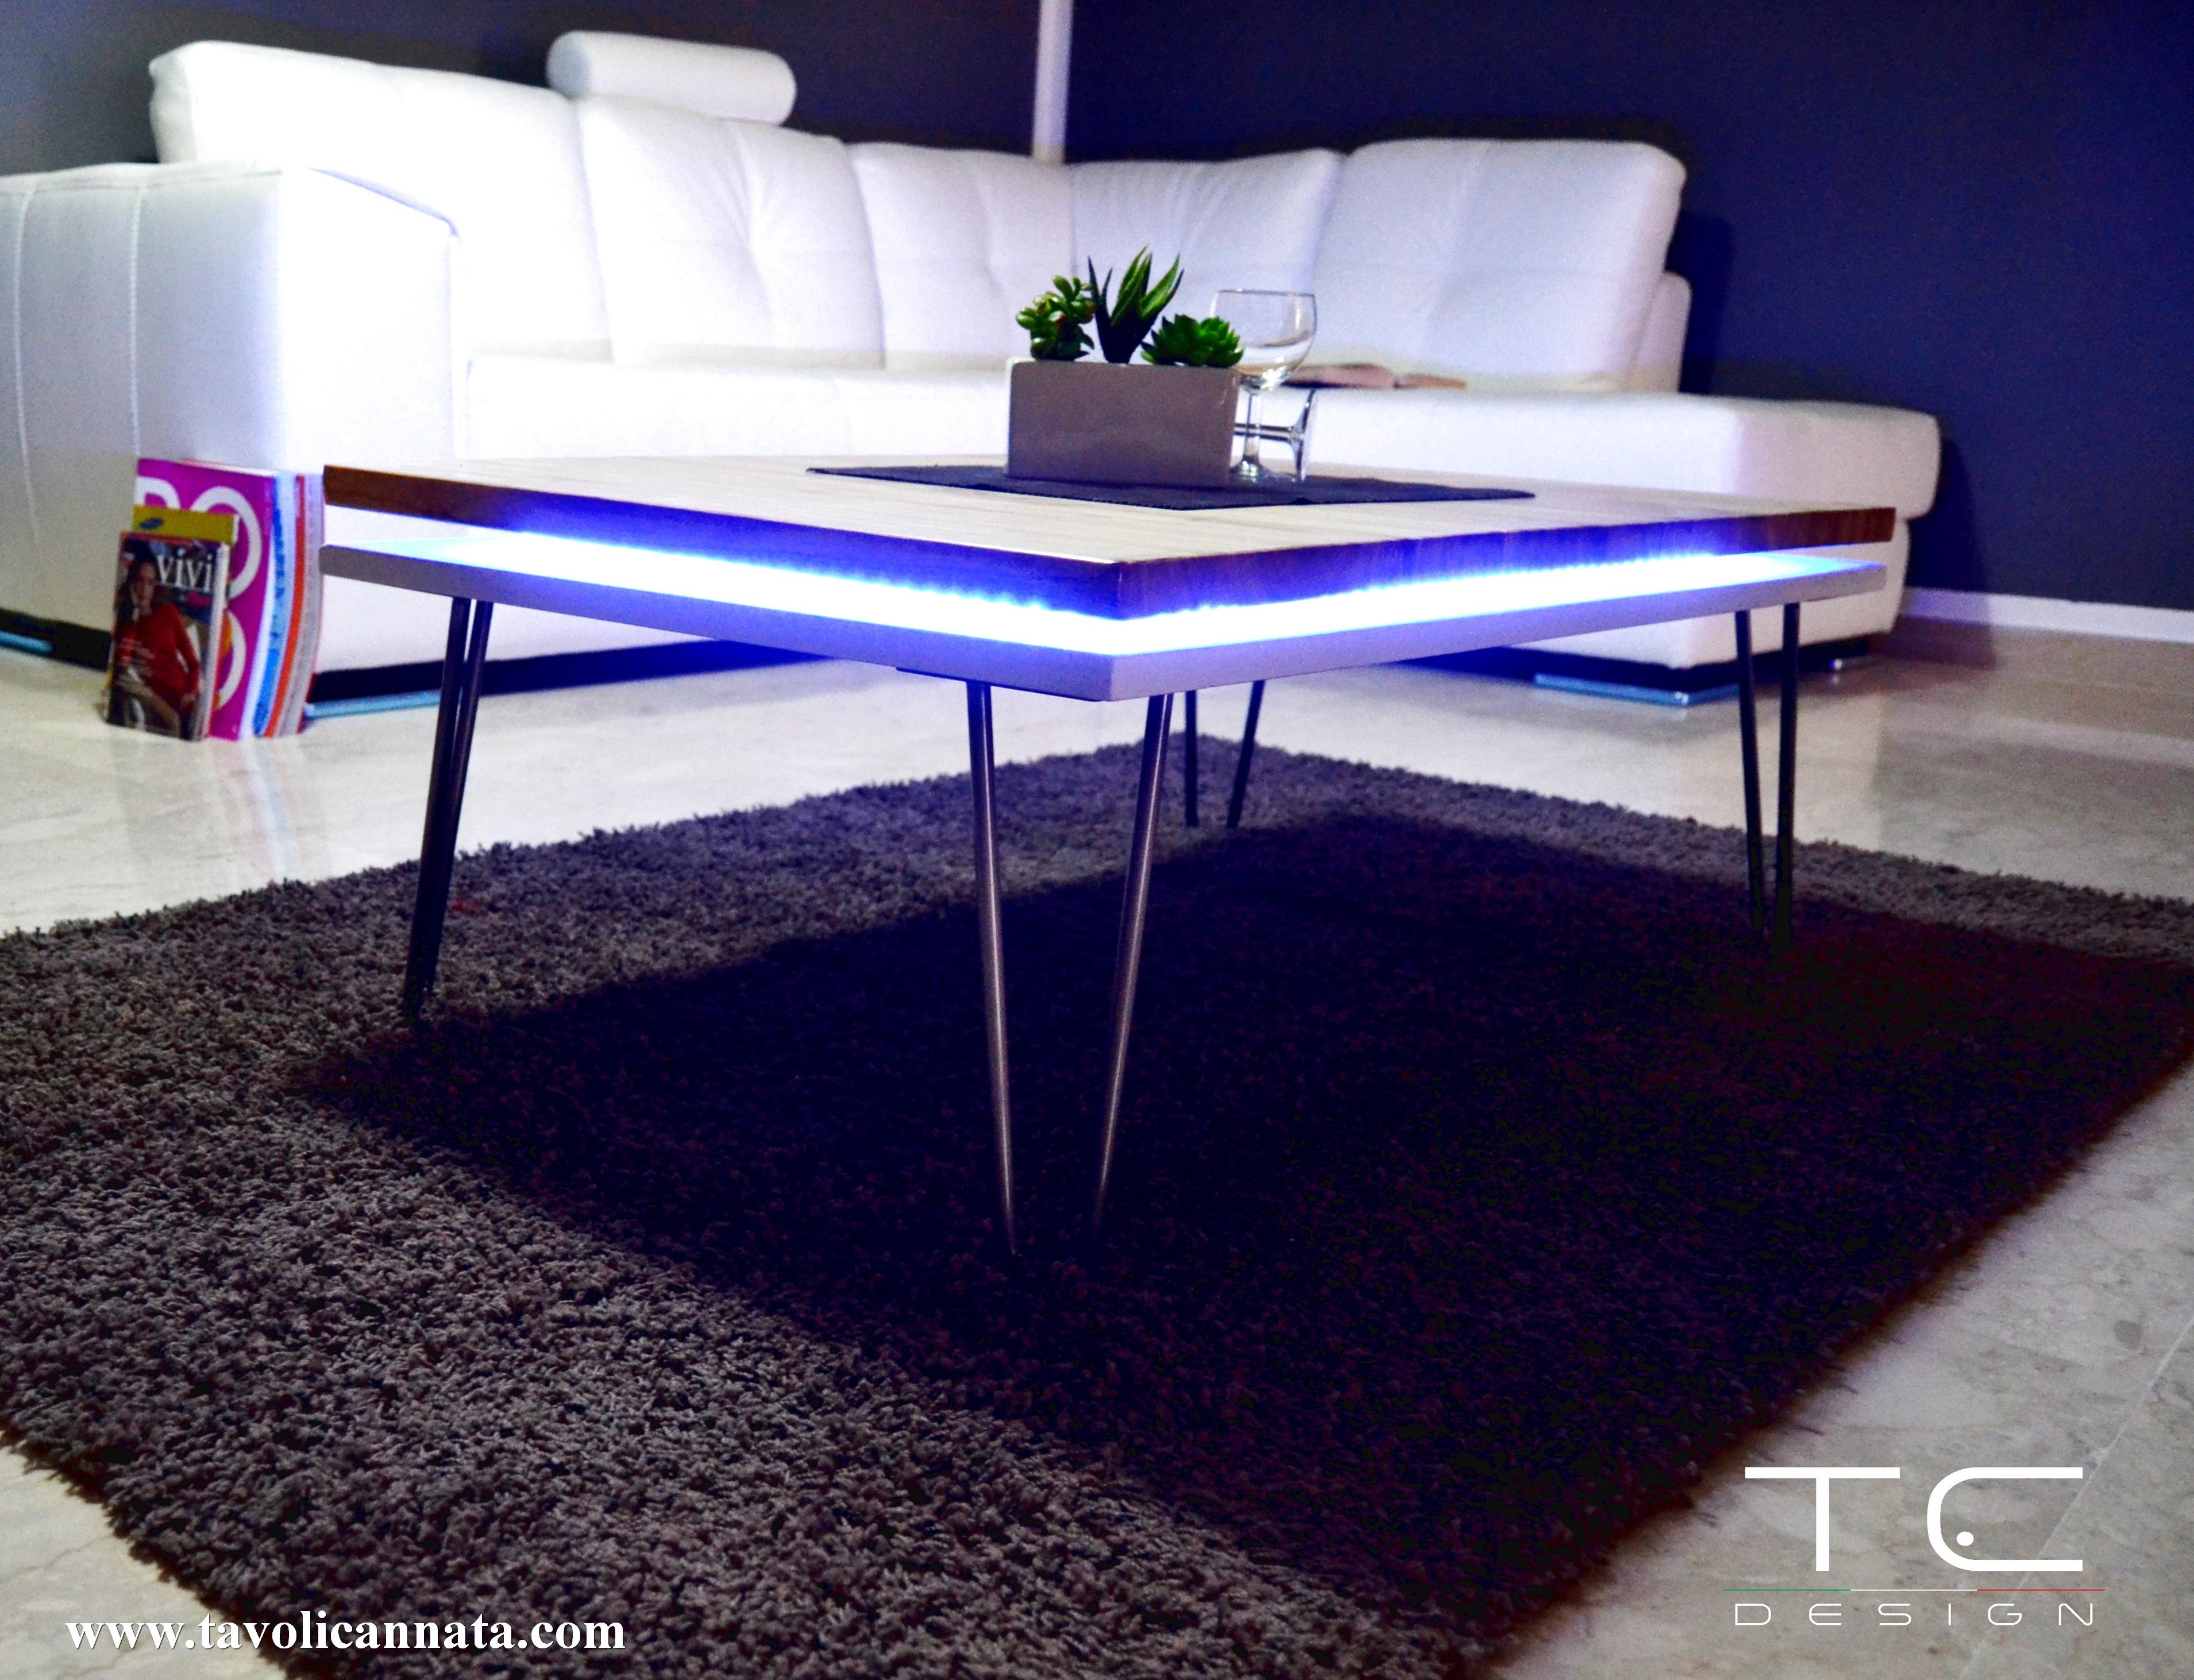 Tavolini Salotto Tavolini Da Salotto Moderni.Tavolino Salotto Evo